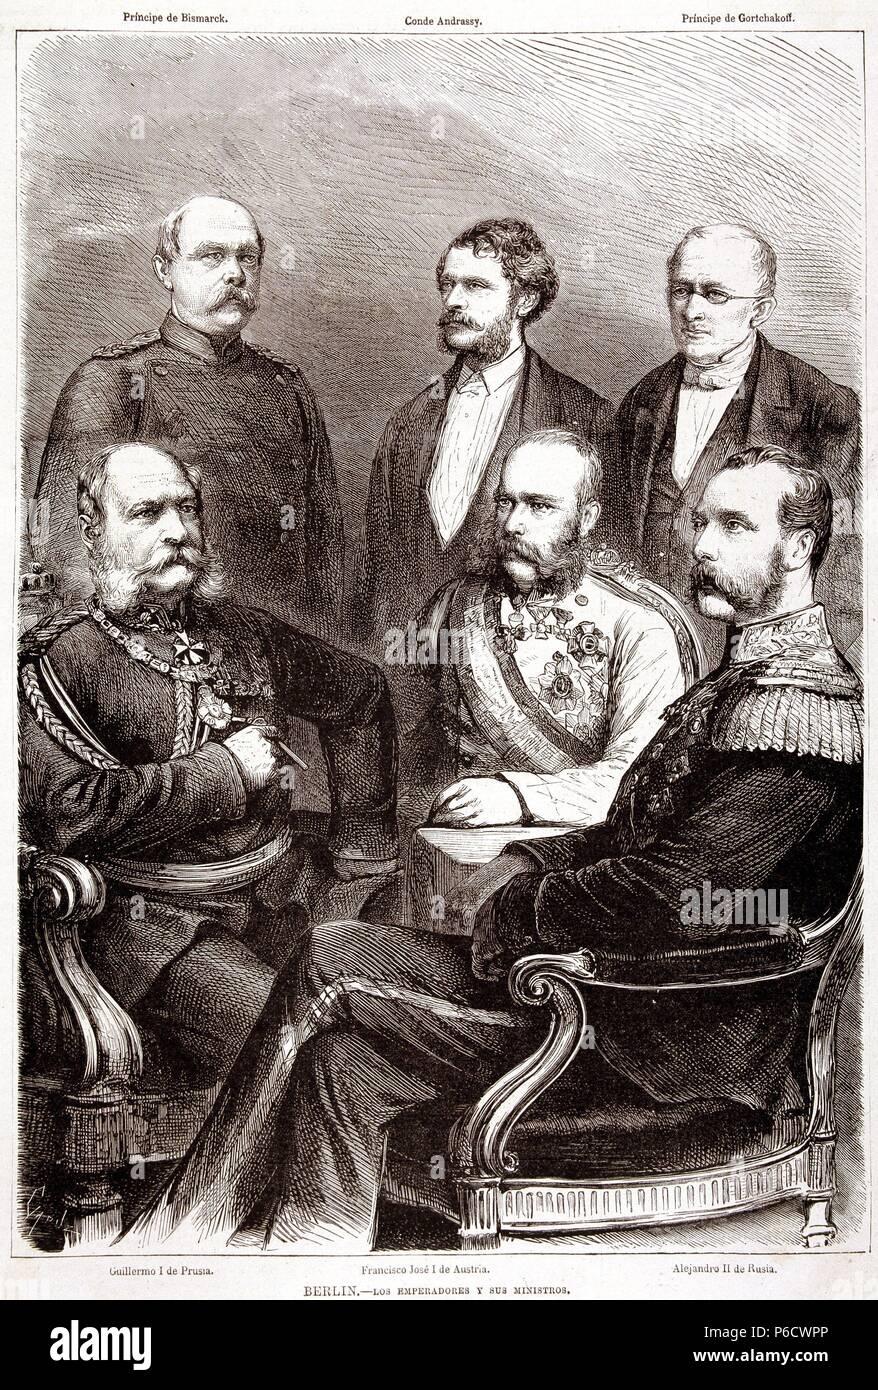 FRANCISCO JOSE I. EMPERADOR DE AUSTRIA. 1830-1916. JUNTO A GUILLERMO DE PRUSIA Y ALEJANDRO II DE RUSIA. GRABADO DE LA ILUSTRACION ESPAÑOLA Y AMERICANA. - Stock Image